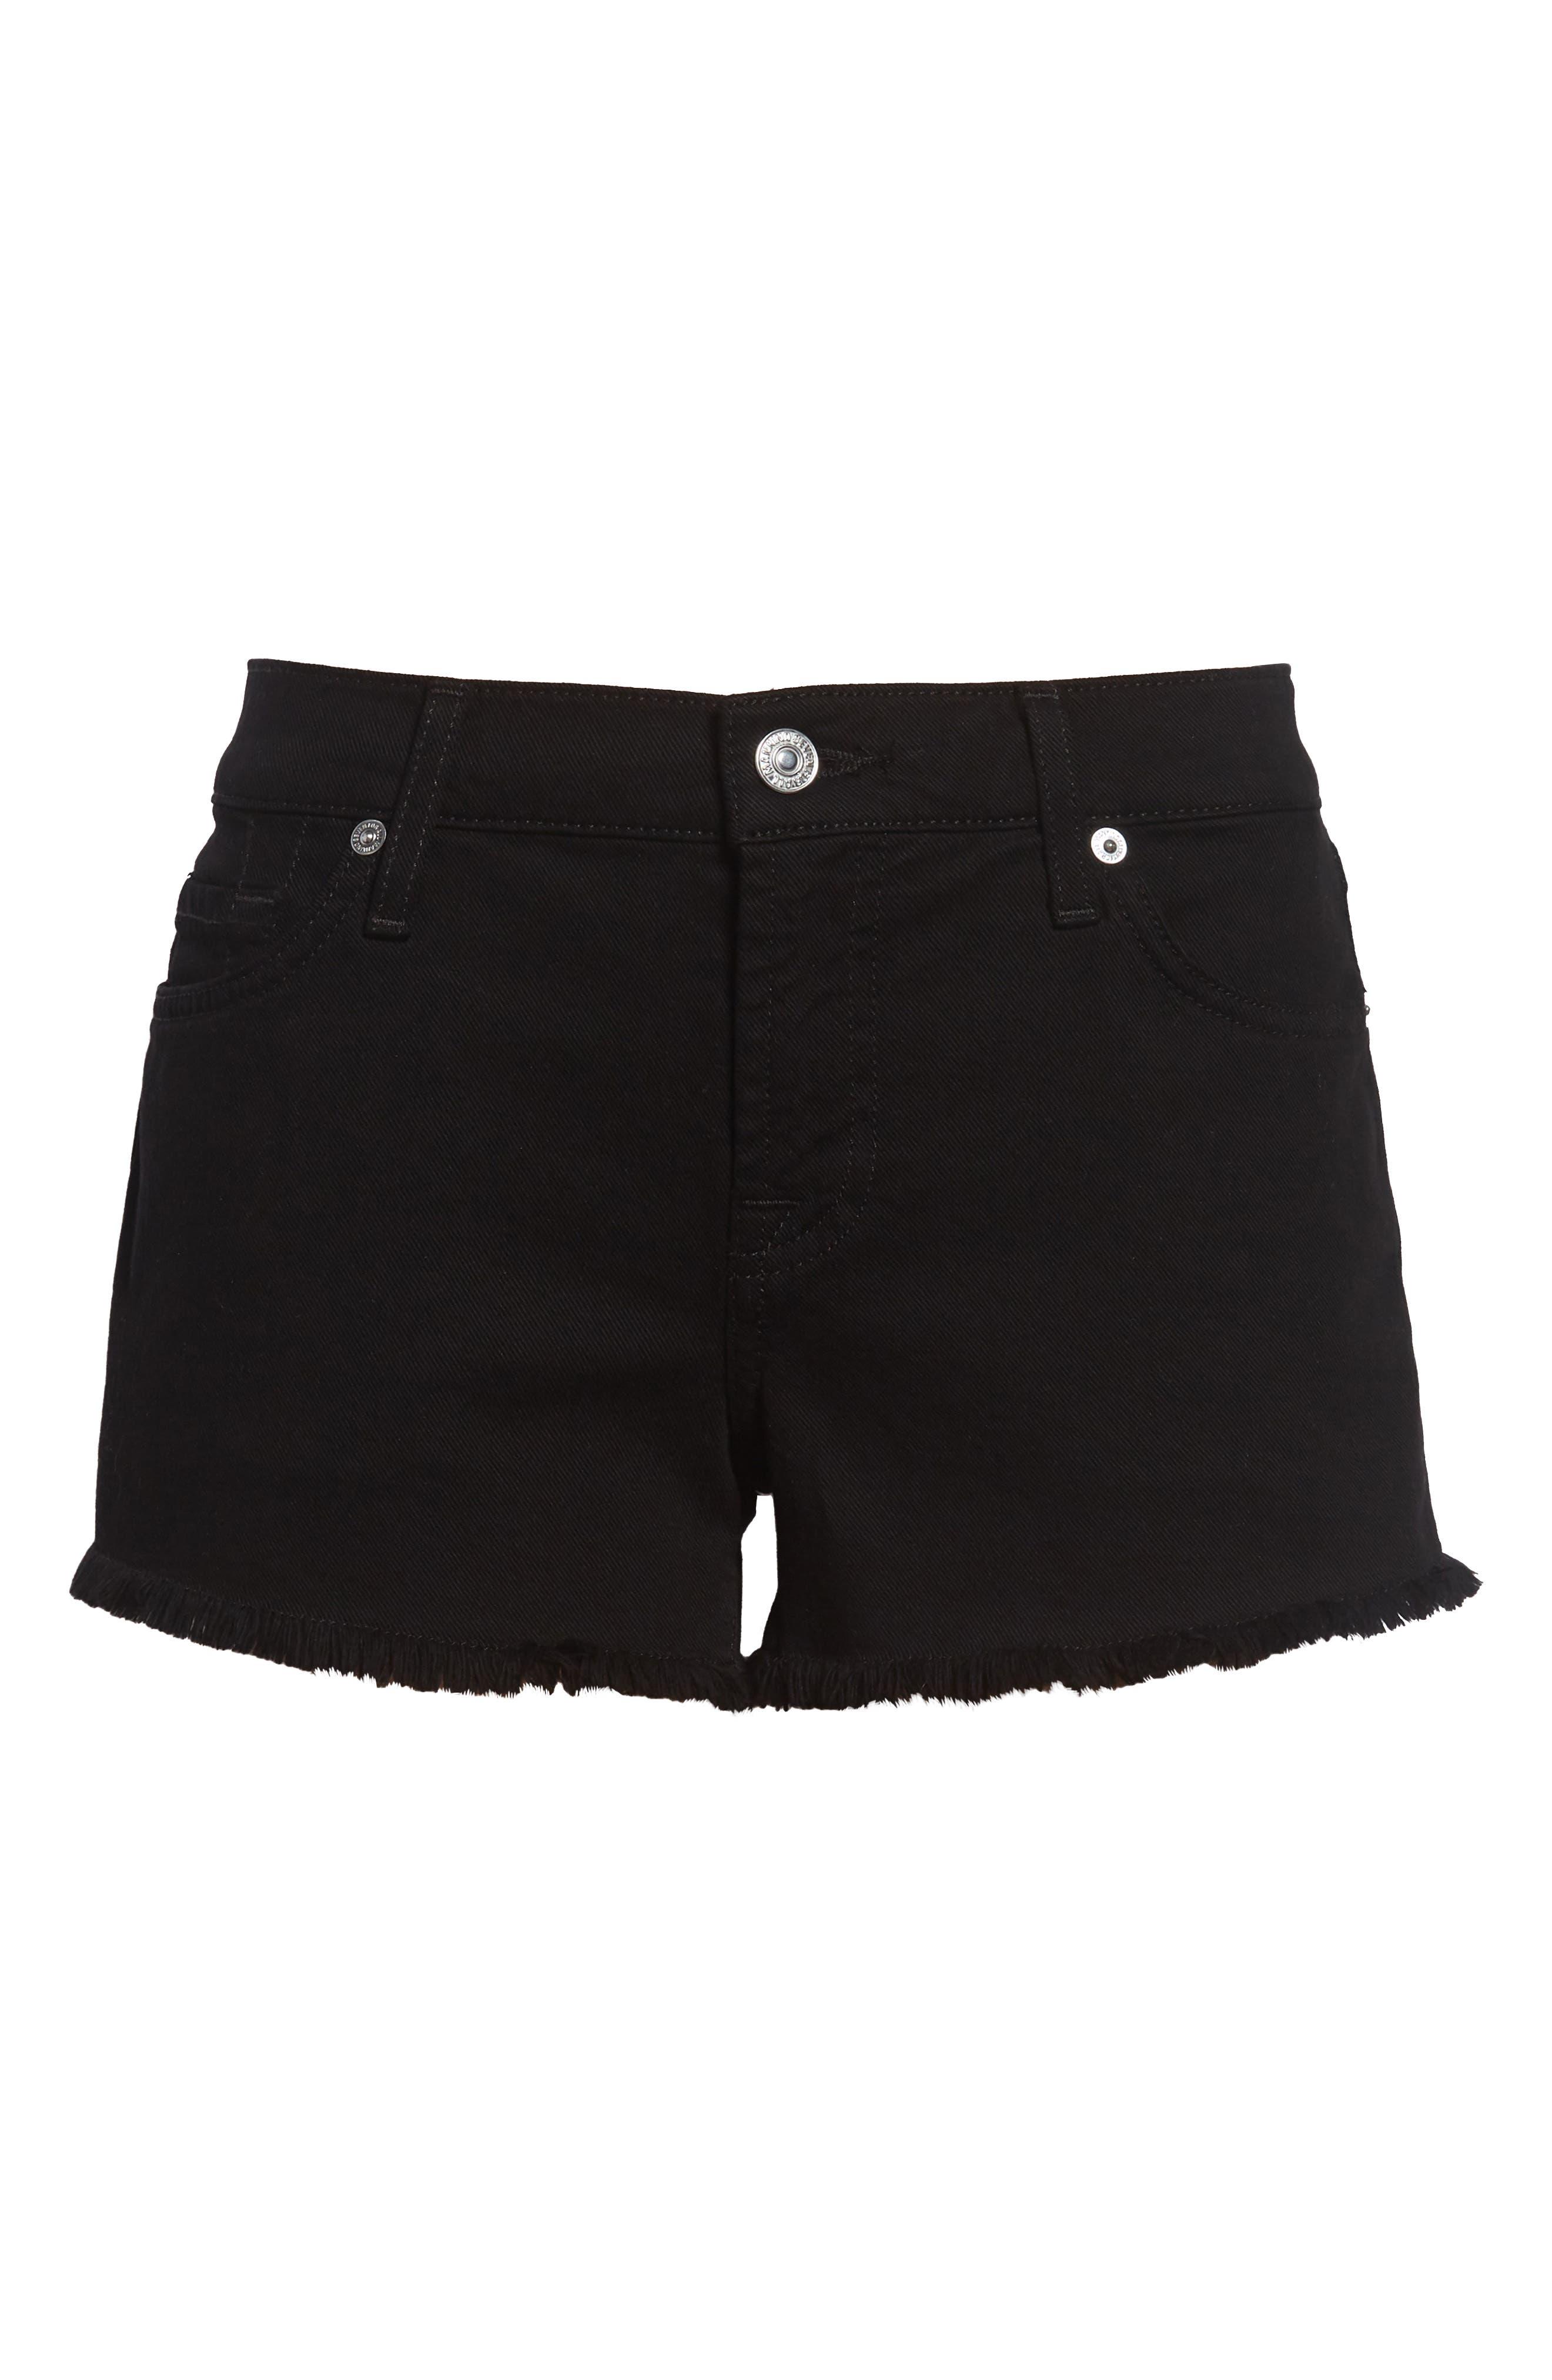 Cutoff Shorts,                         Main,                         color, BLACK